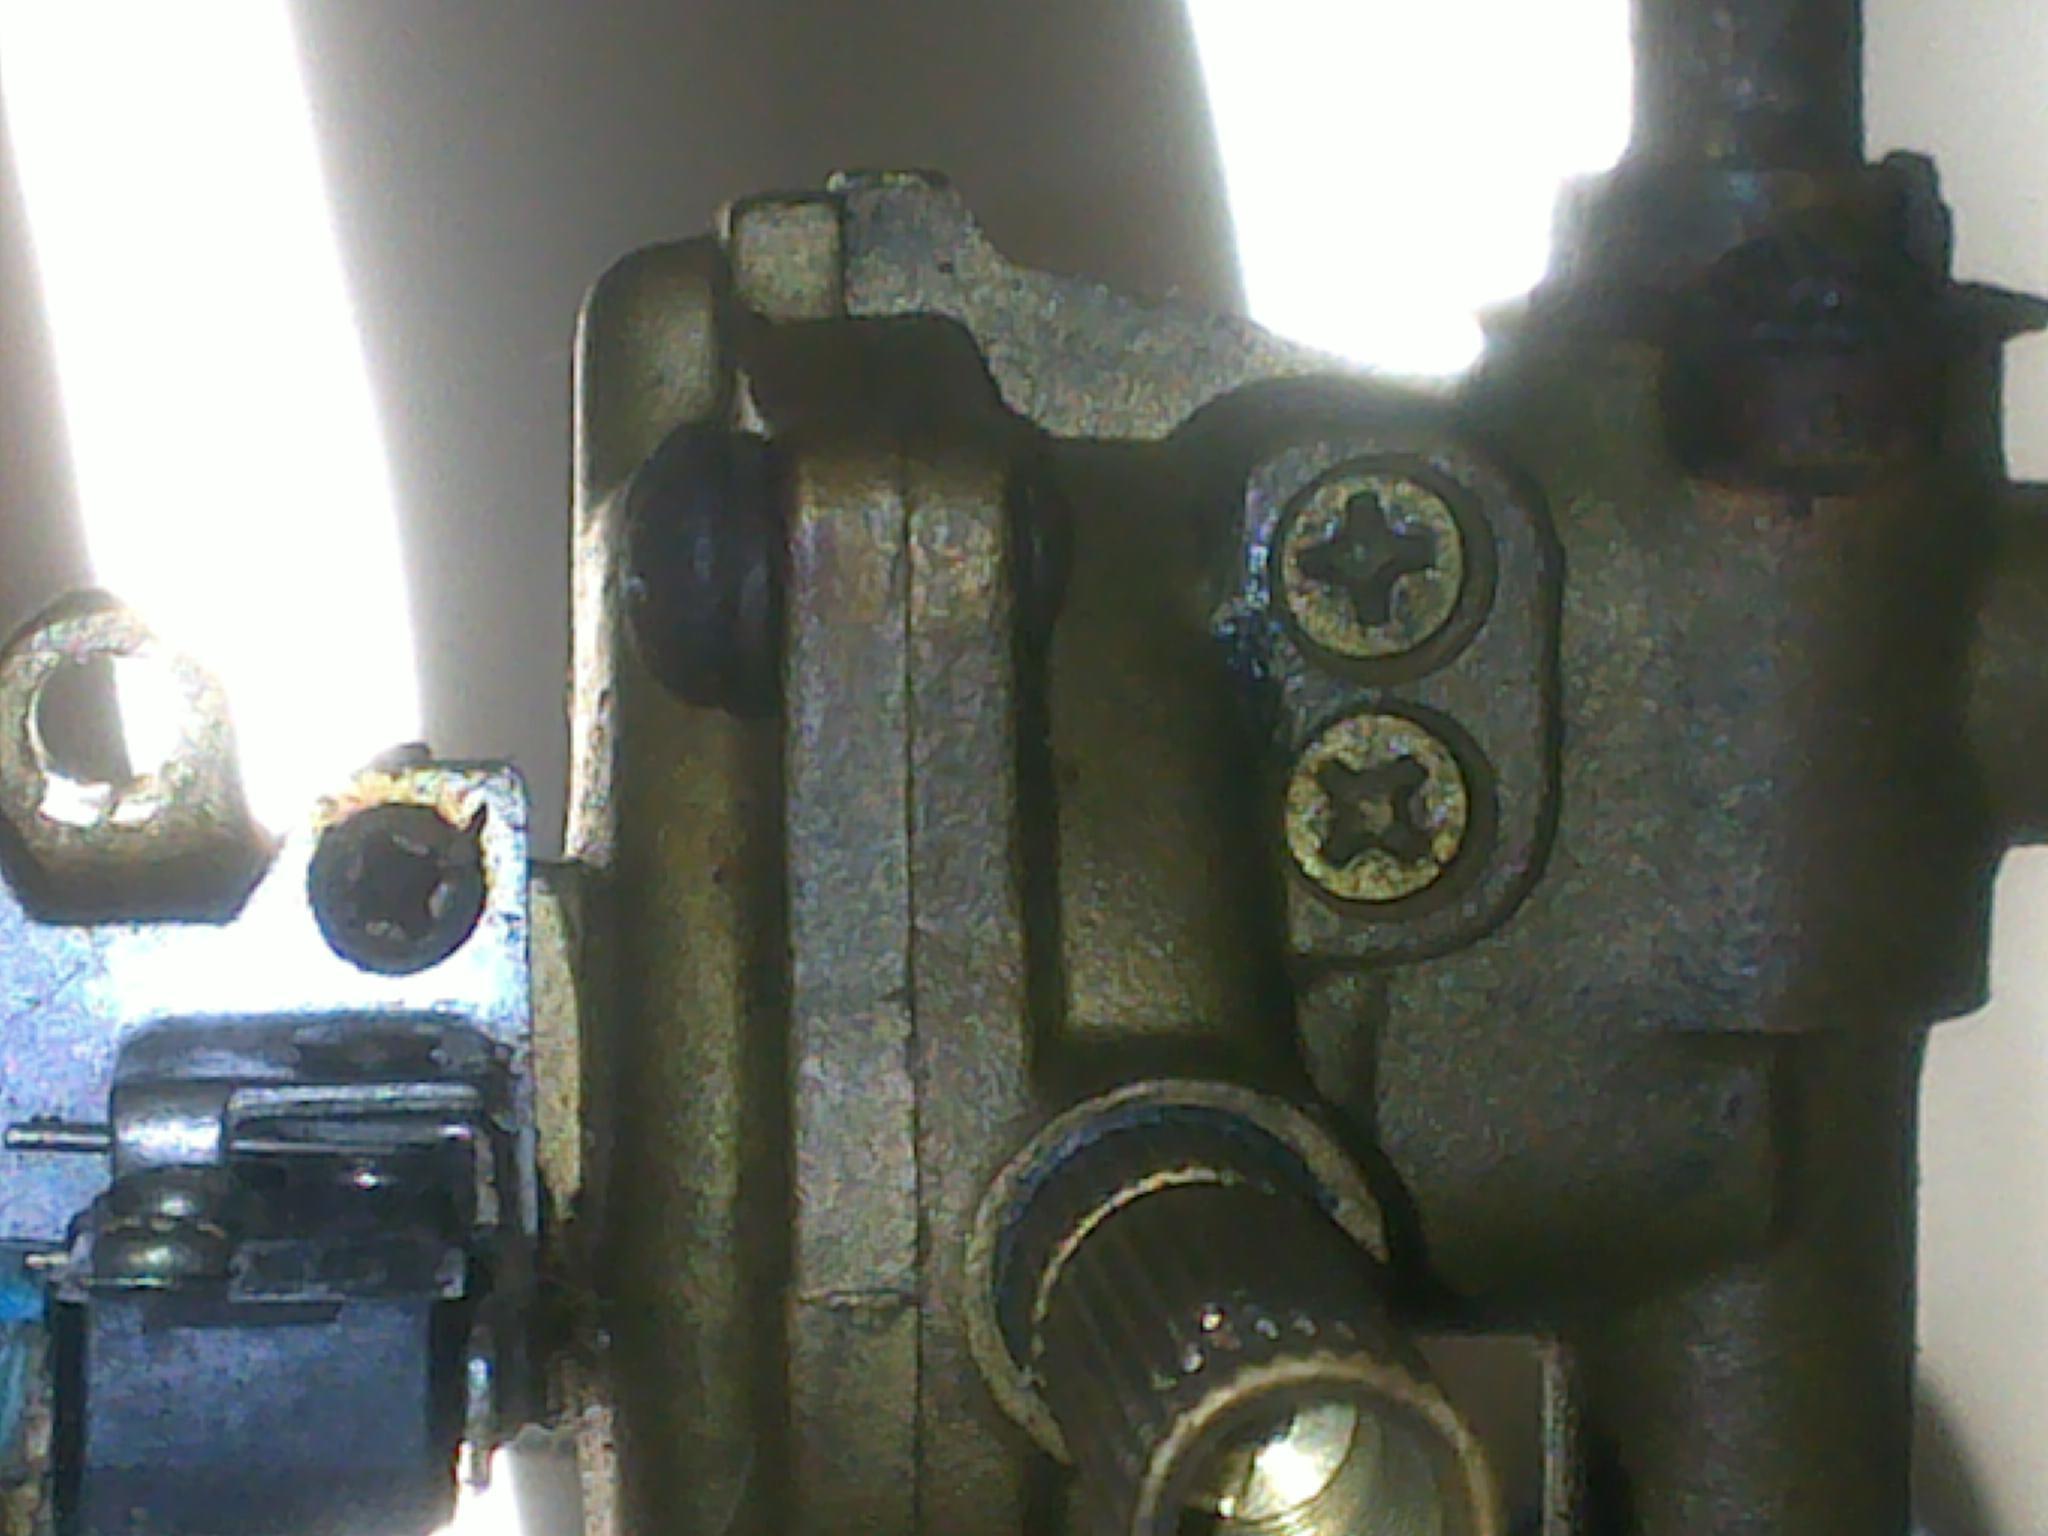 燃气热水器水气联动阀泄压阀上边的两个可调螺丝有什么作用?图片